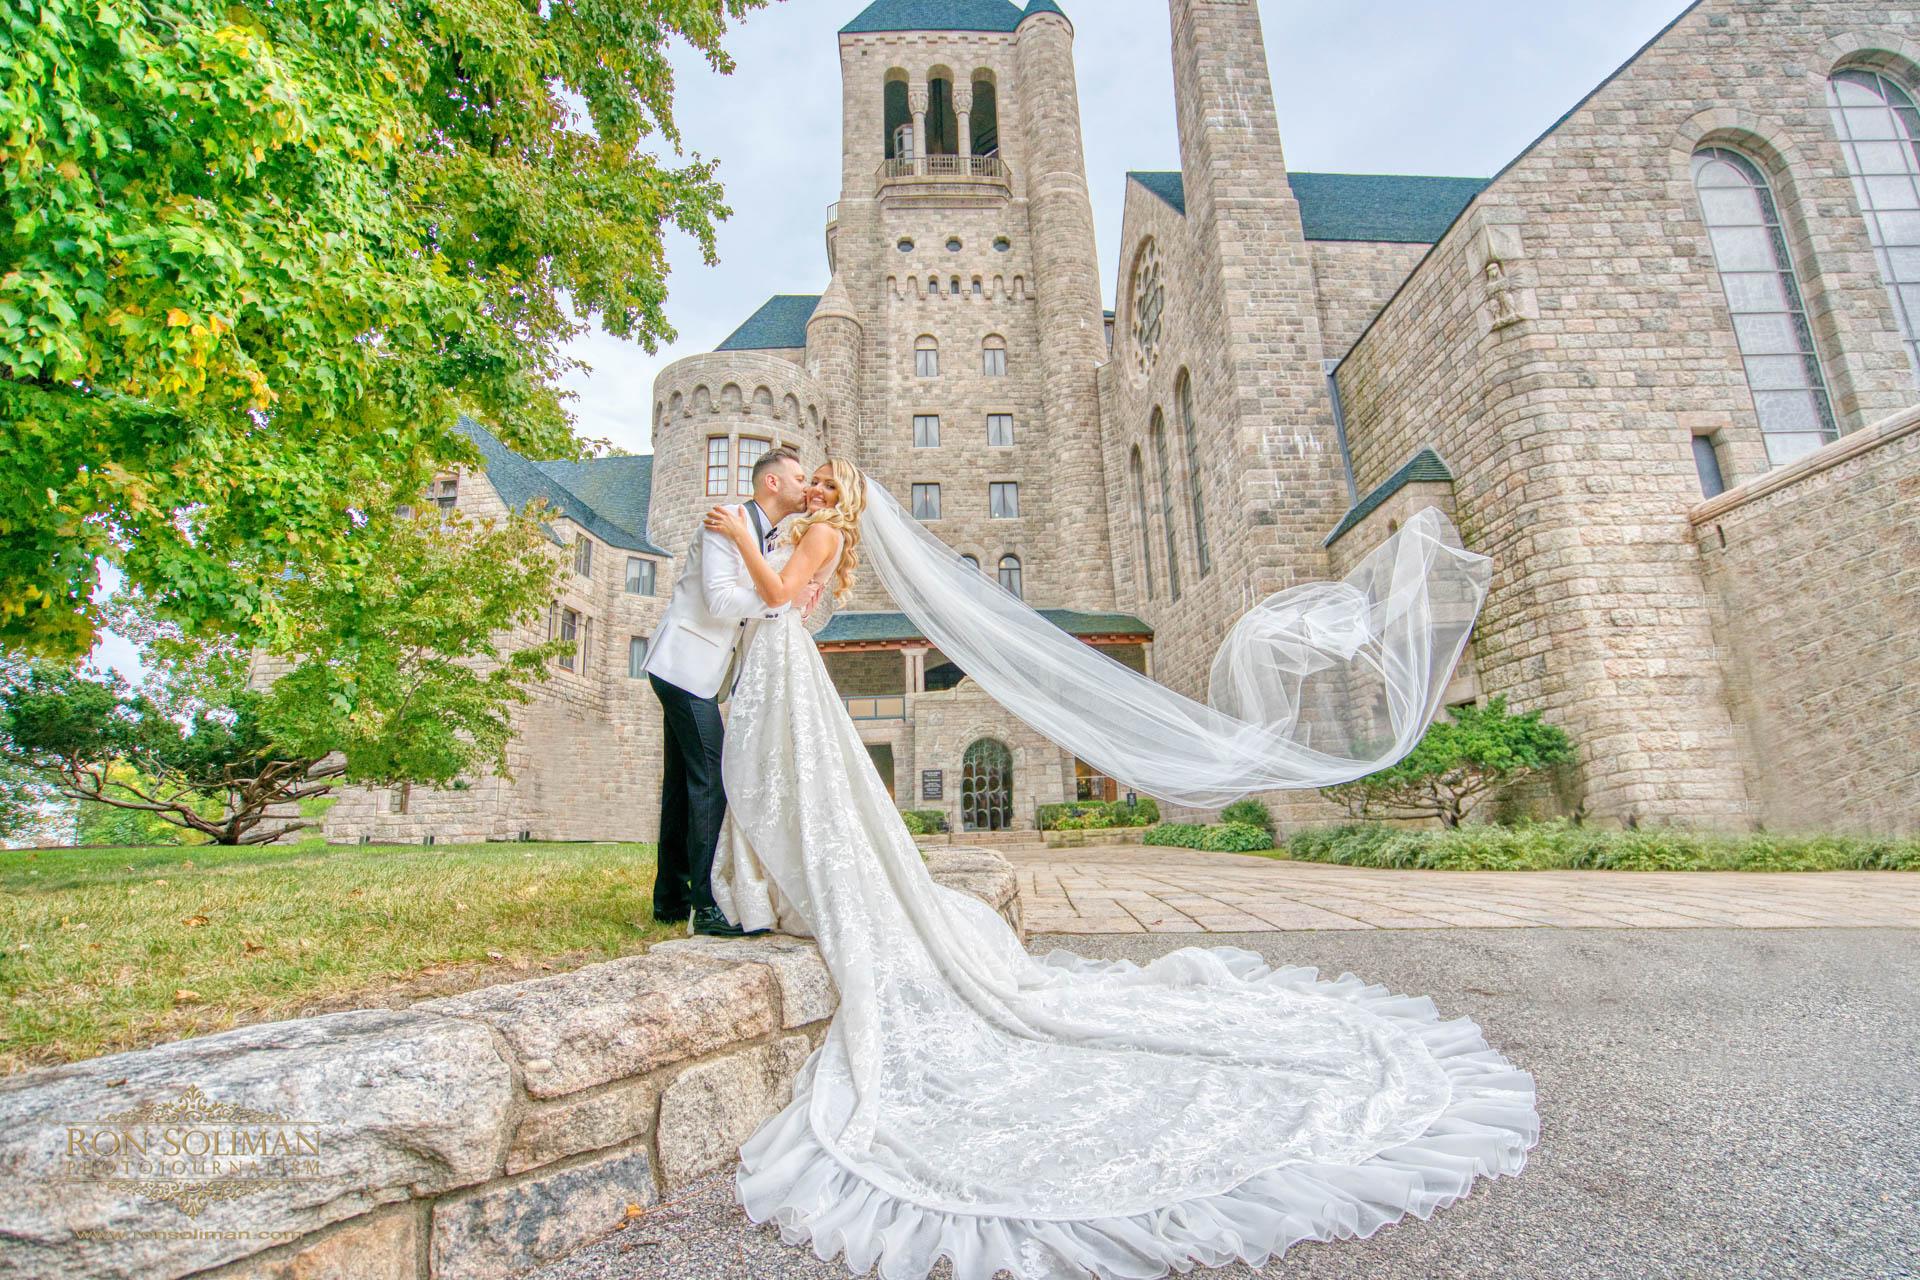 GOLDEN GATES RESTAURANT WEDDING 14